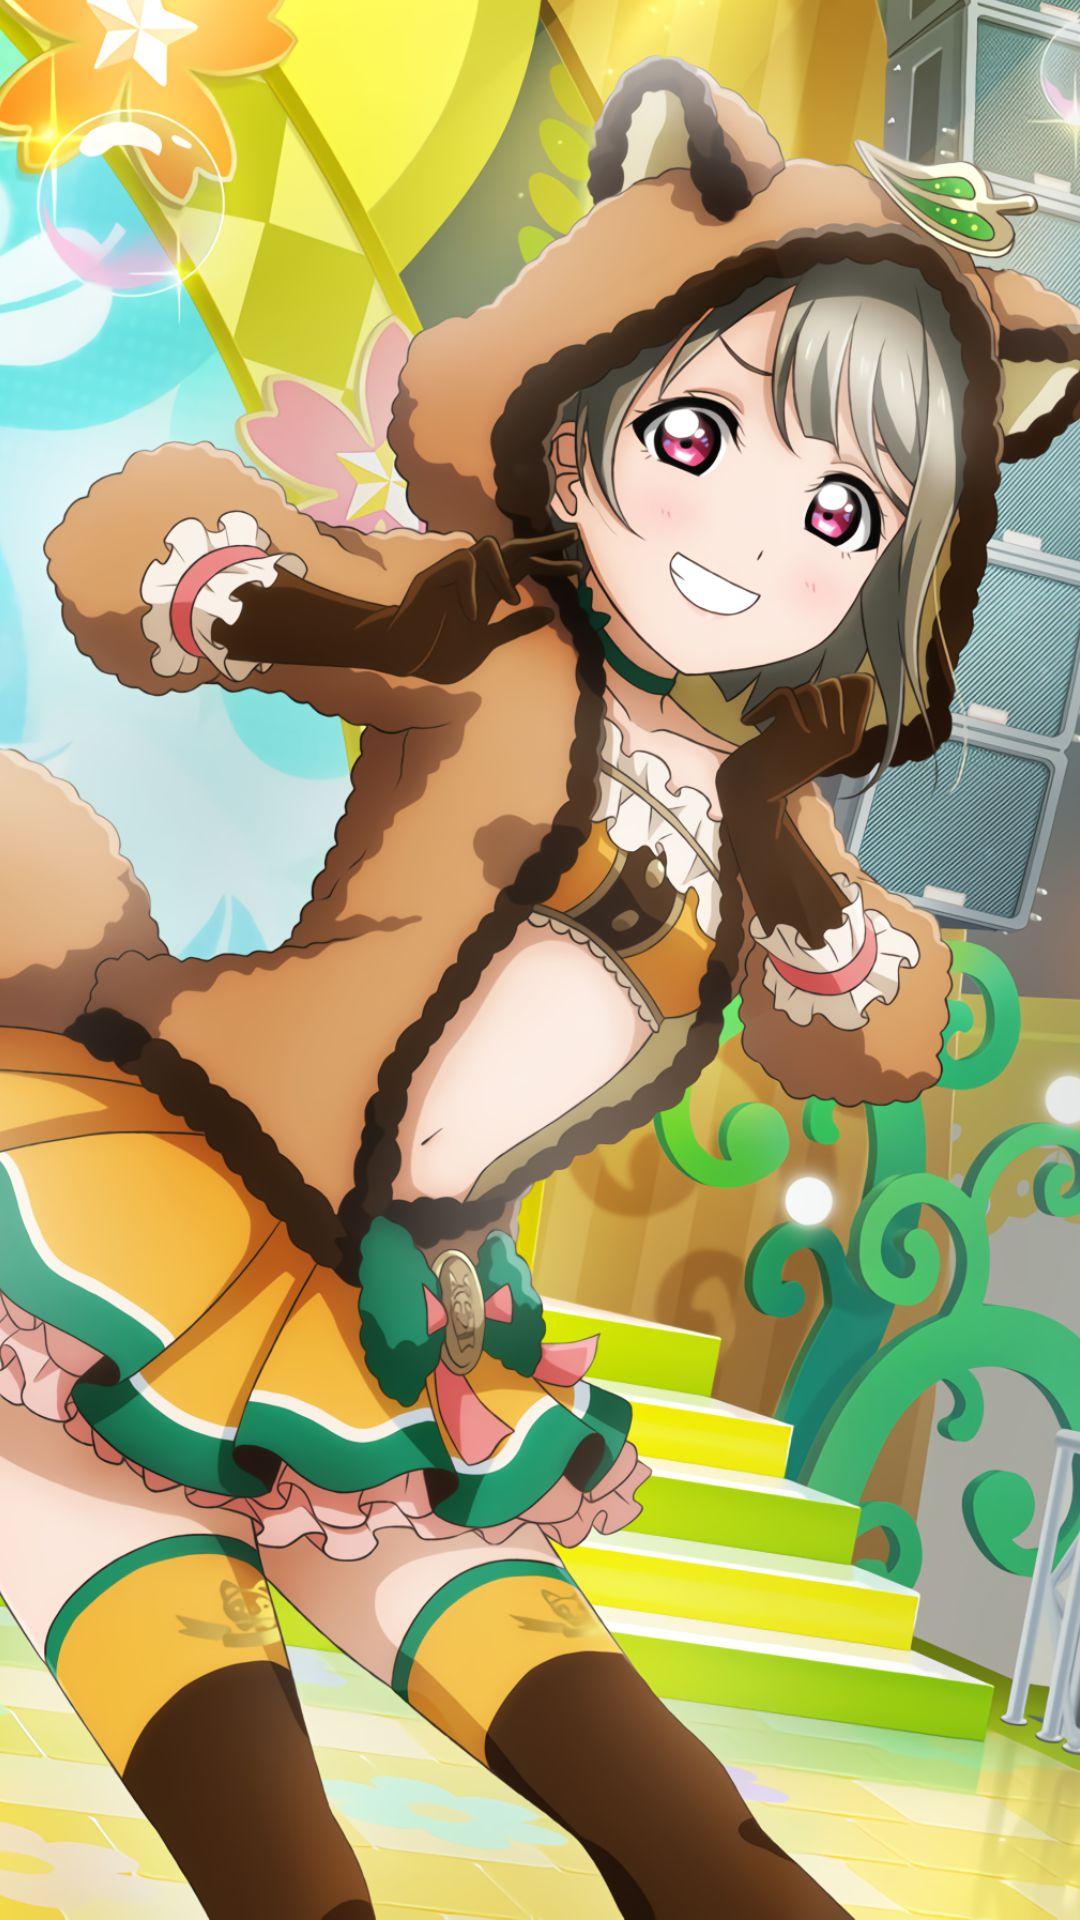 ラブライブ虹ヶ咲-中須かすみiPhone壁紙,Androidスマホ用画像